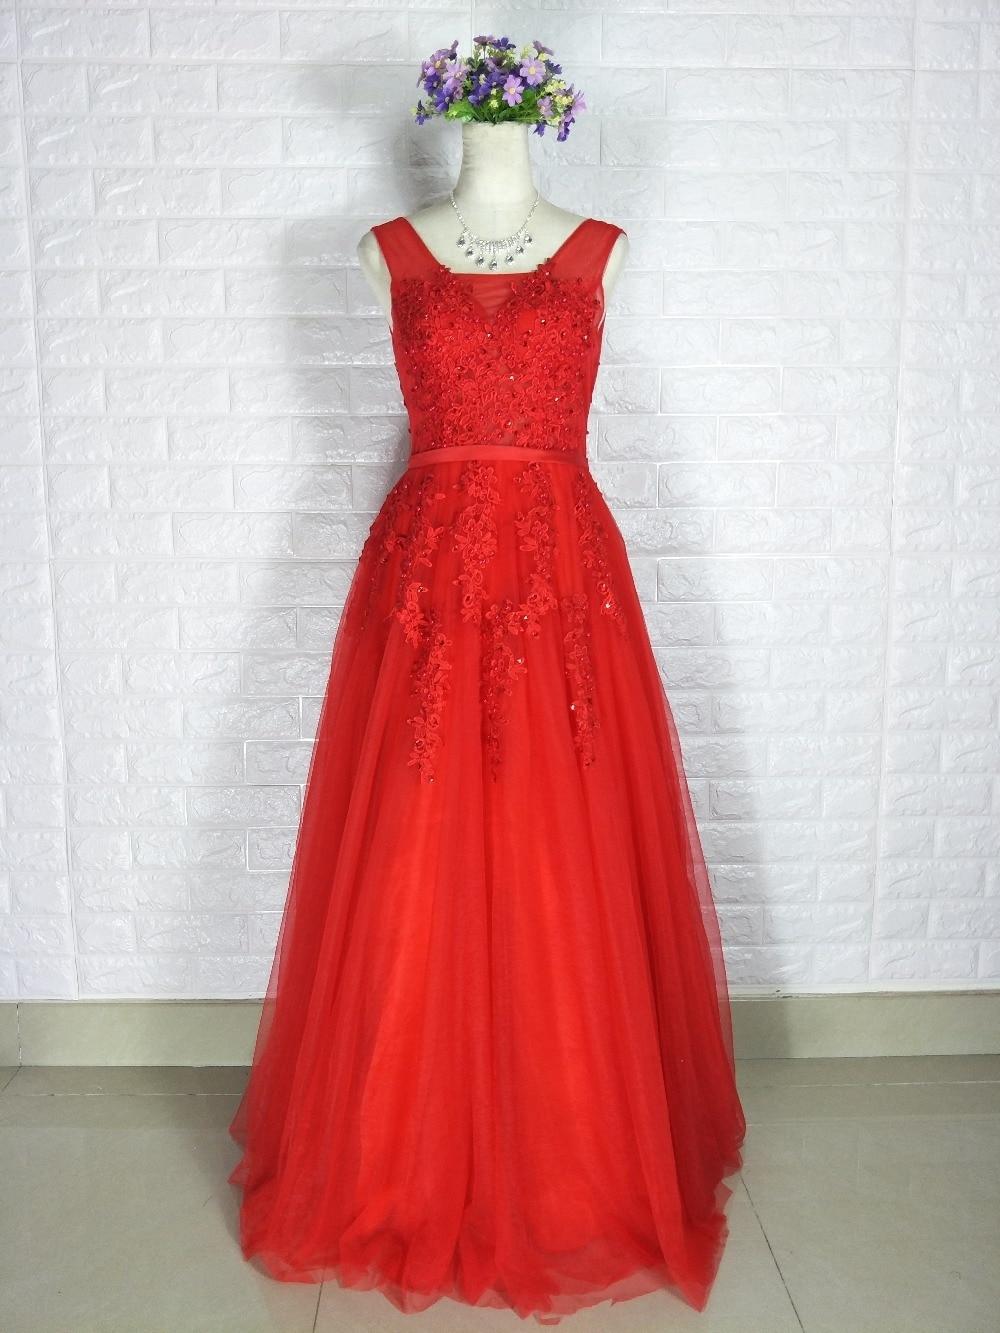 Robe De Soiree Hot Wine Röd Silver Rosa Snörning Armband Sexig Lång Bak Aftonklänning Brudparty Elegant Golvklänning Festklänning